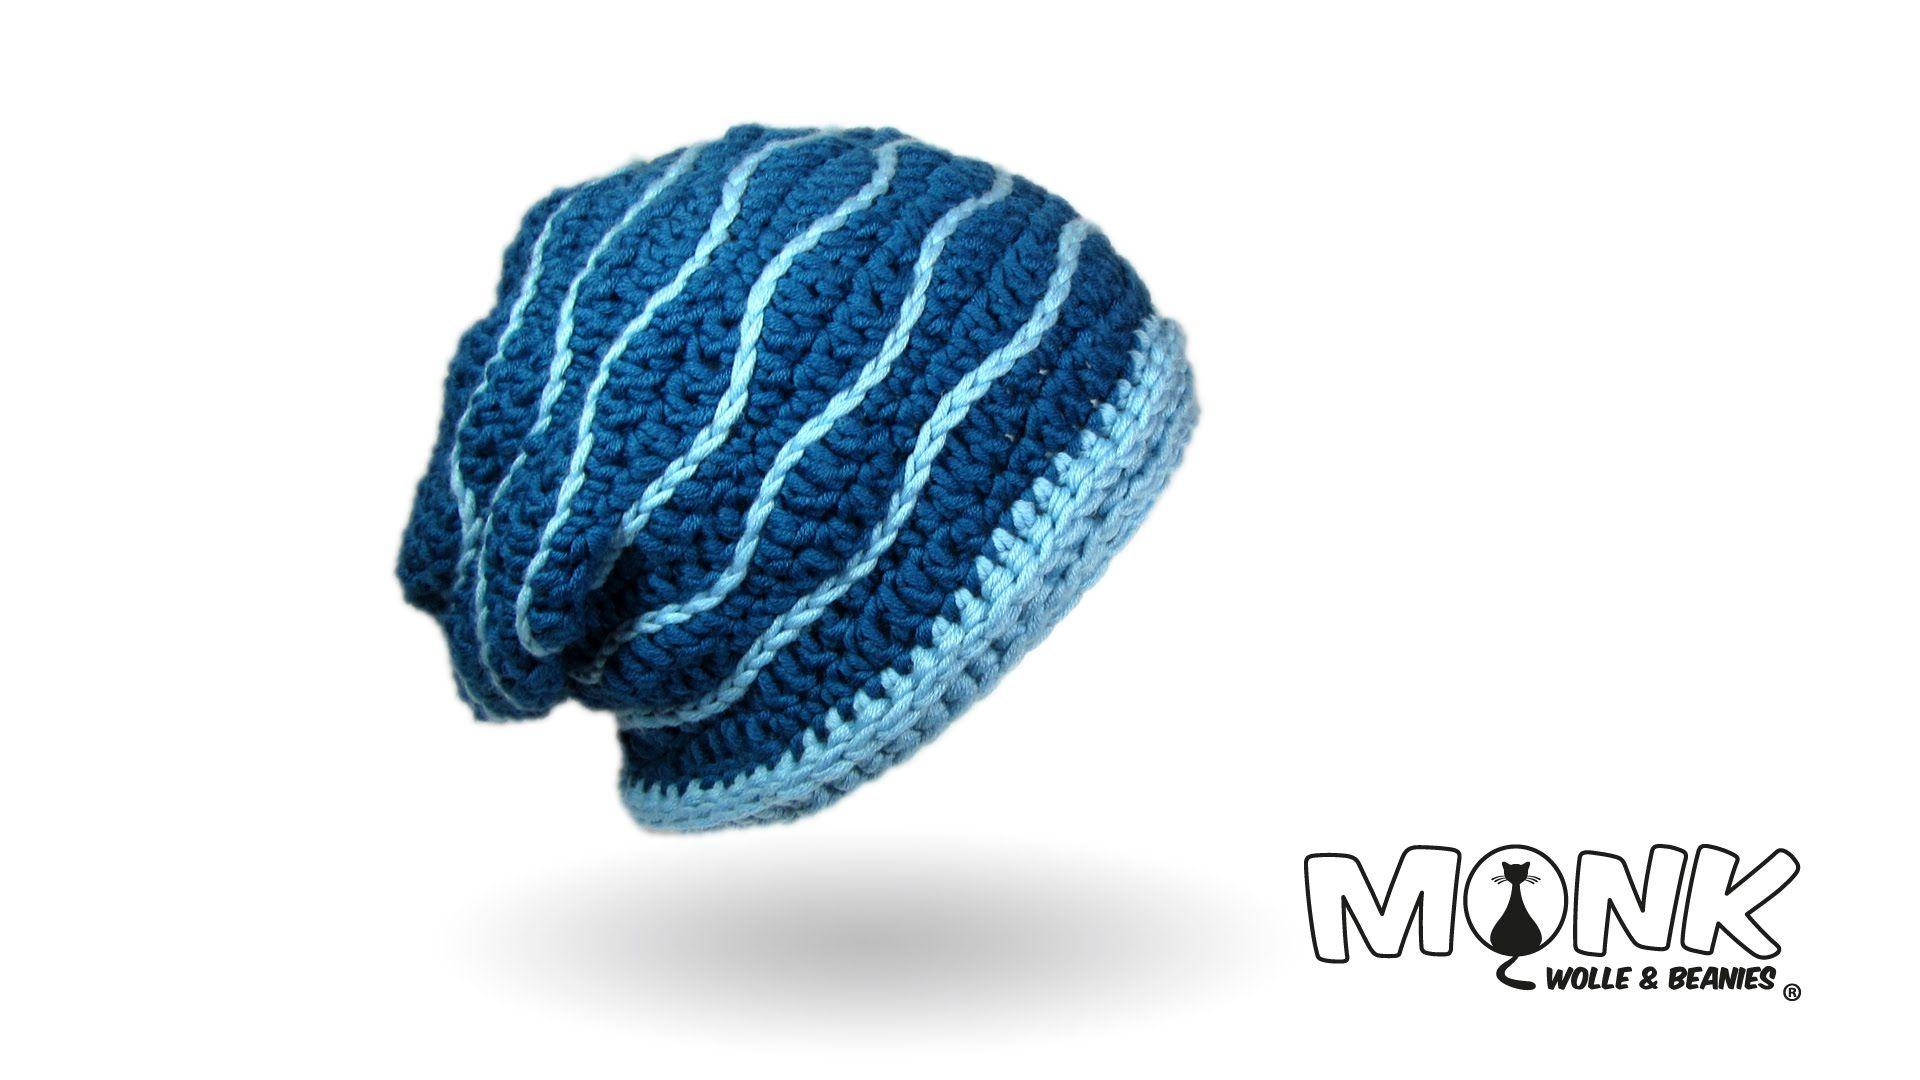 Mütze häkeln - Swell Beanie häkeln   Crochet hats, fingerless gloves ...